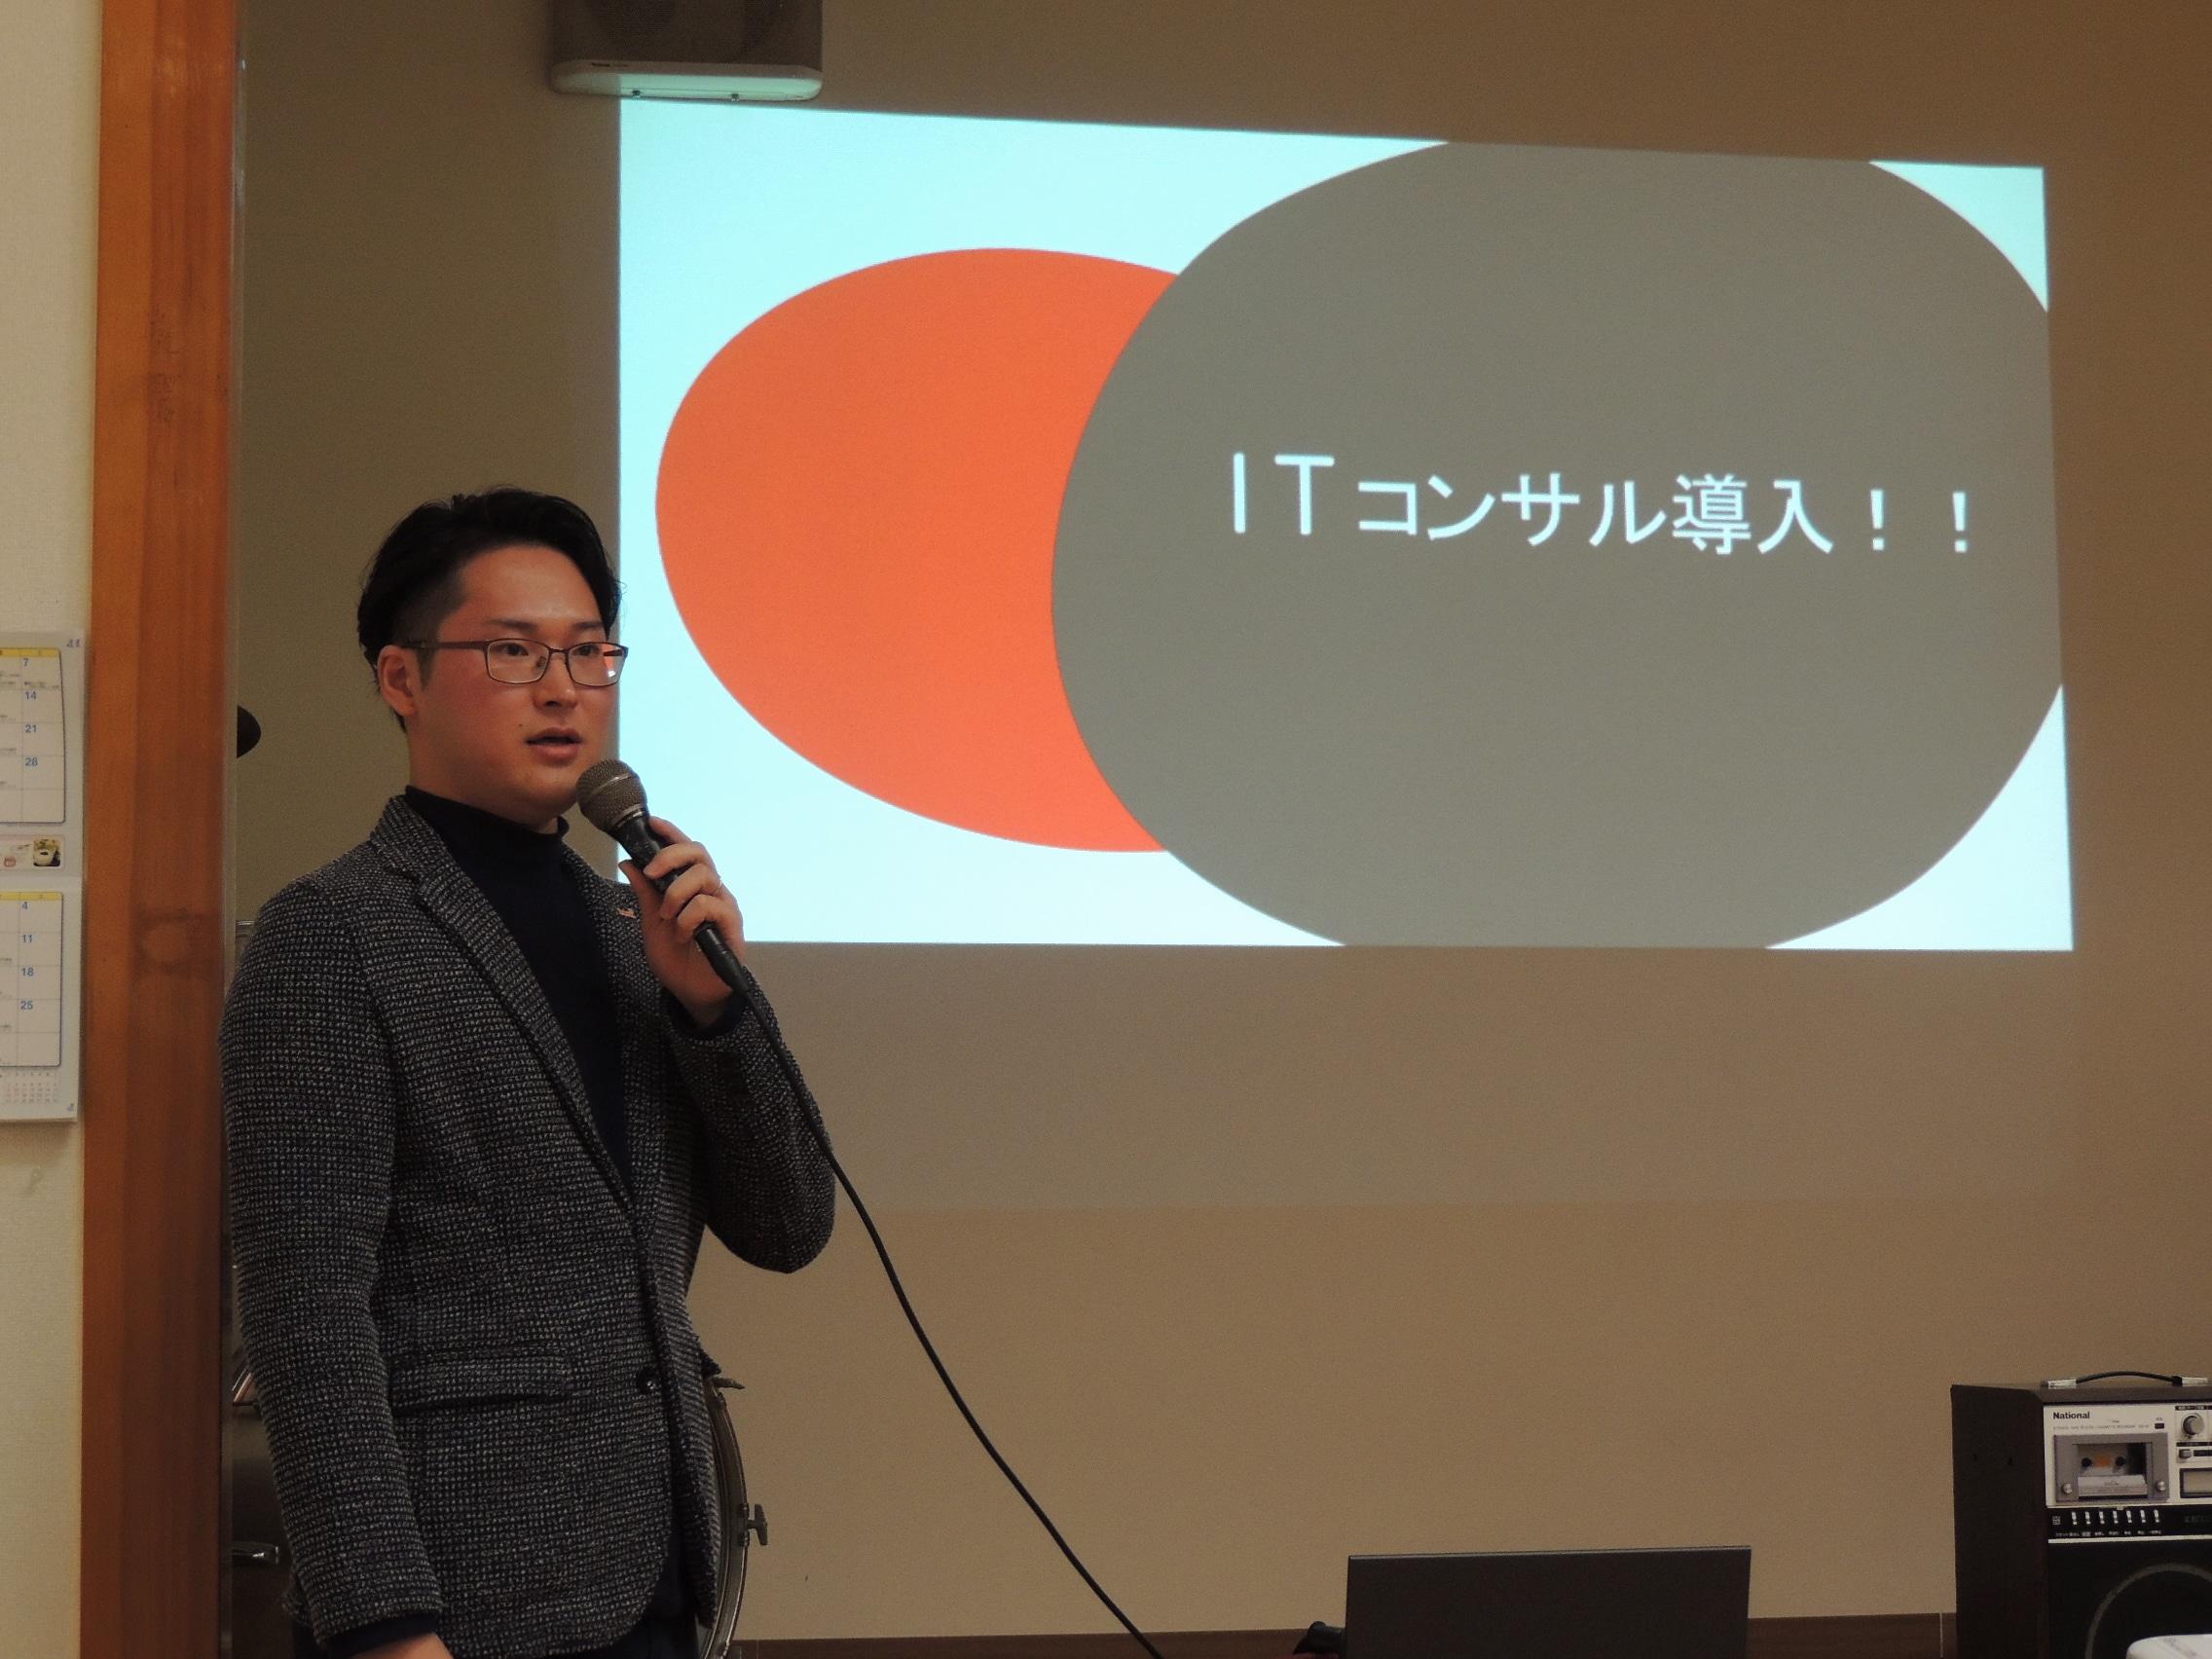 ゼロイチ(新企画・新事業プレゼンテーション大会)